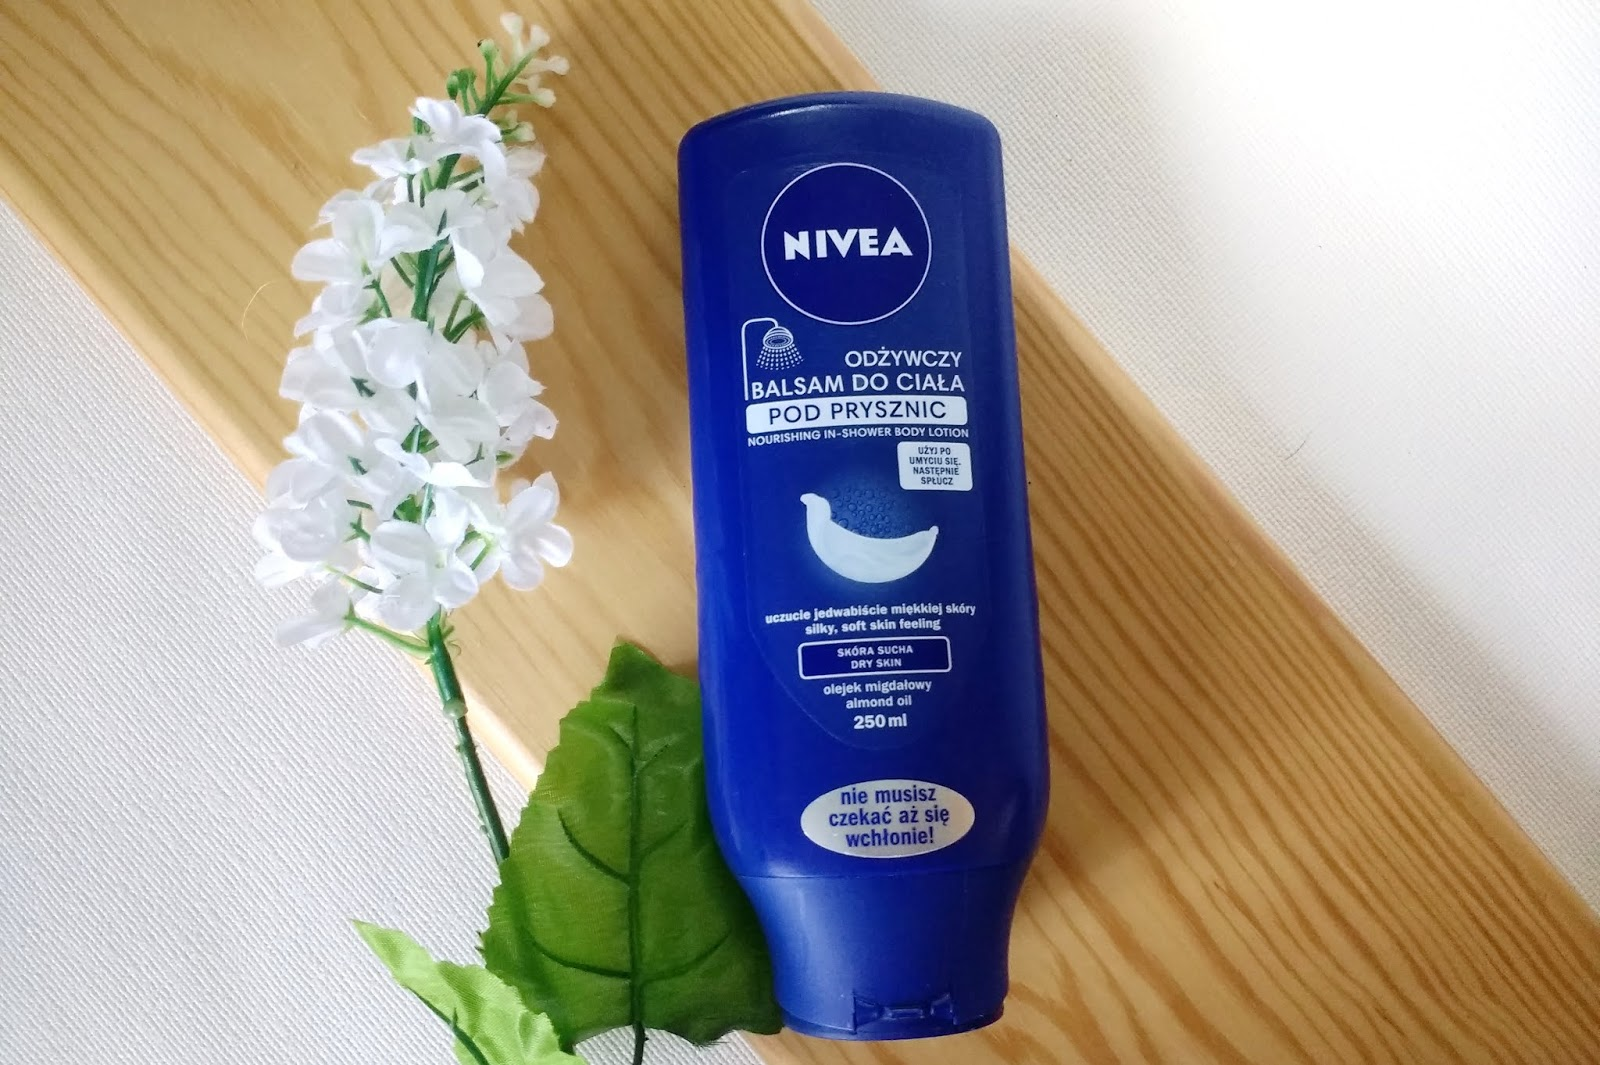 Nivea | Odżywczy balsam do ciała pod prysznic z olejkiem migdałowym dla skóry suchej